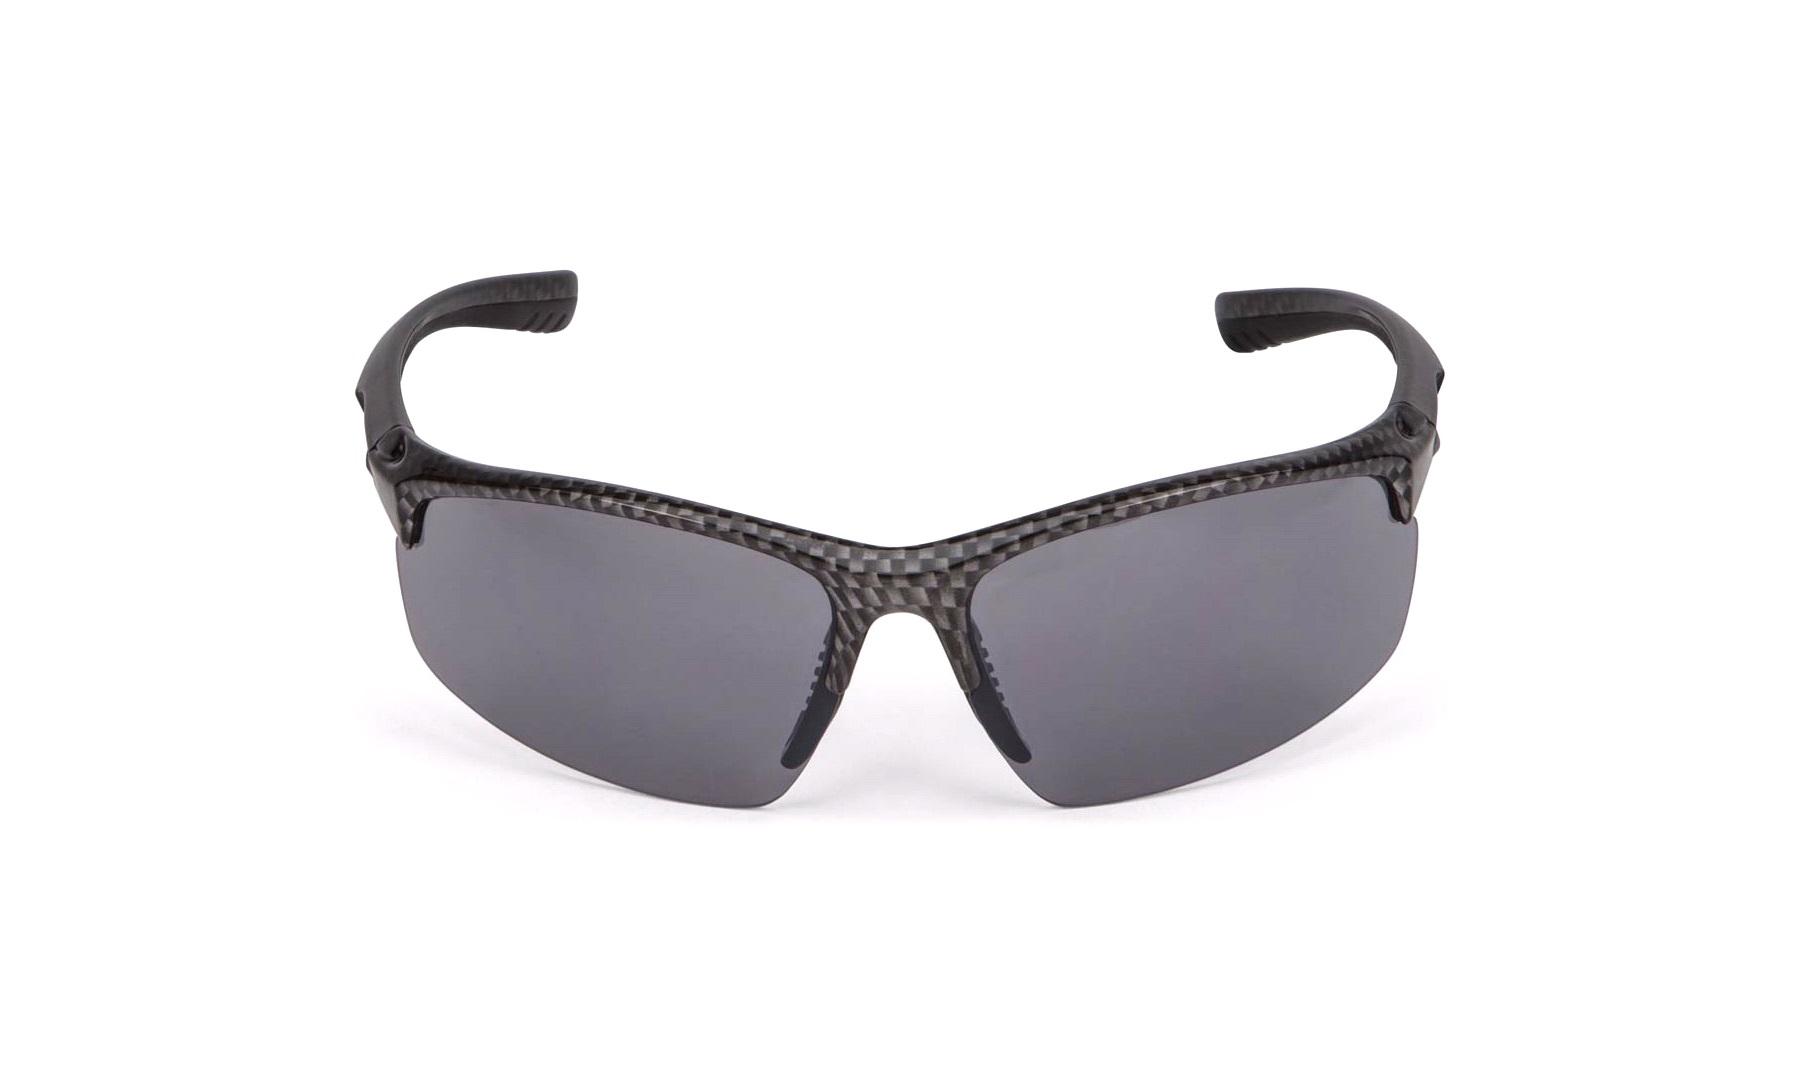 Solbrille carbonlook grå glas Briller thansen.dk